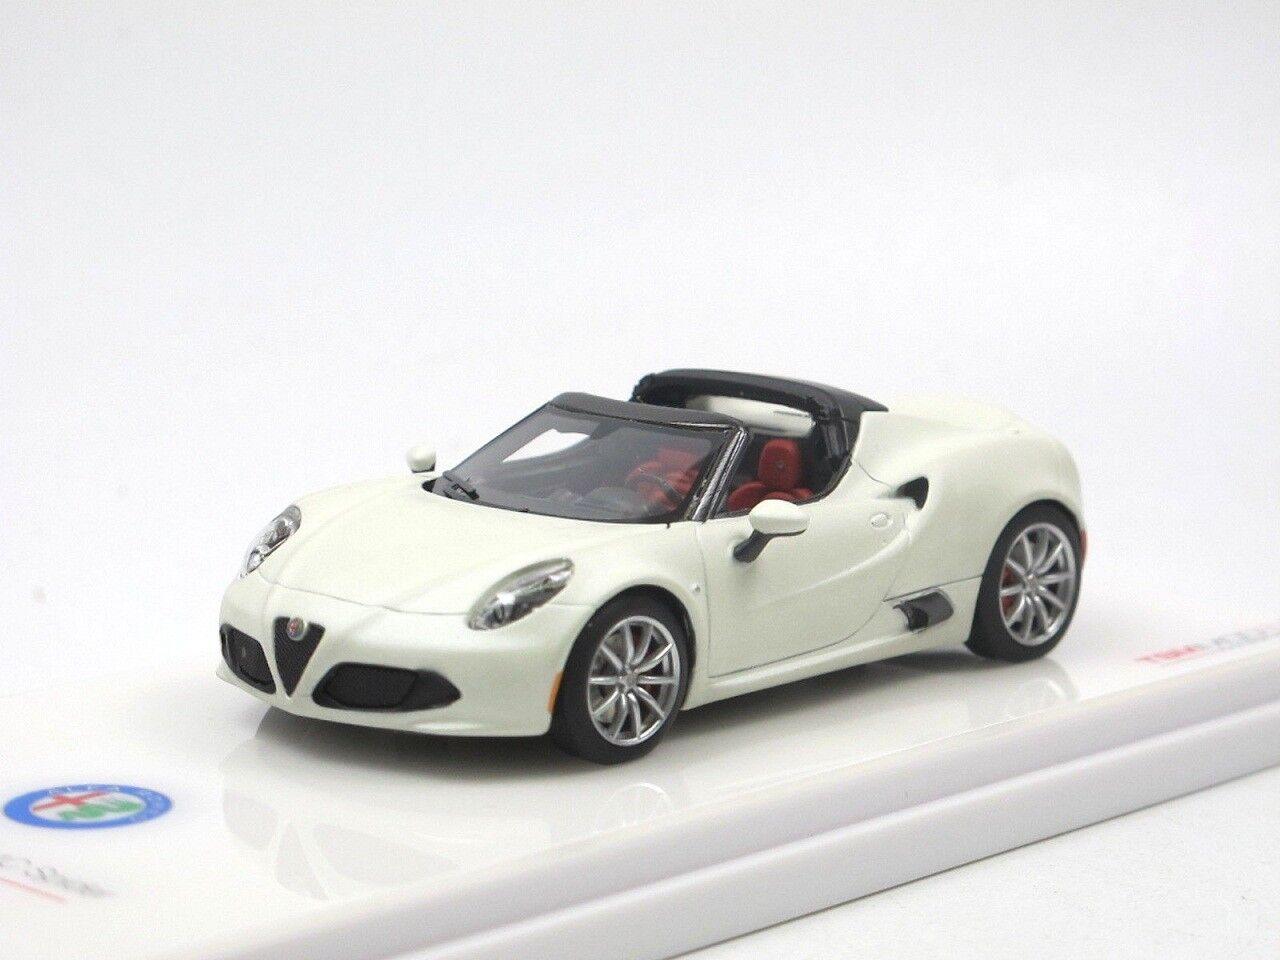 edizione limitata a caldo 1 43 43 43 Truescale TSM Alfa Romeo 4C Spider Matt bianca Prossootype LHD 2016  nuovi prodotti novità